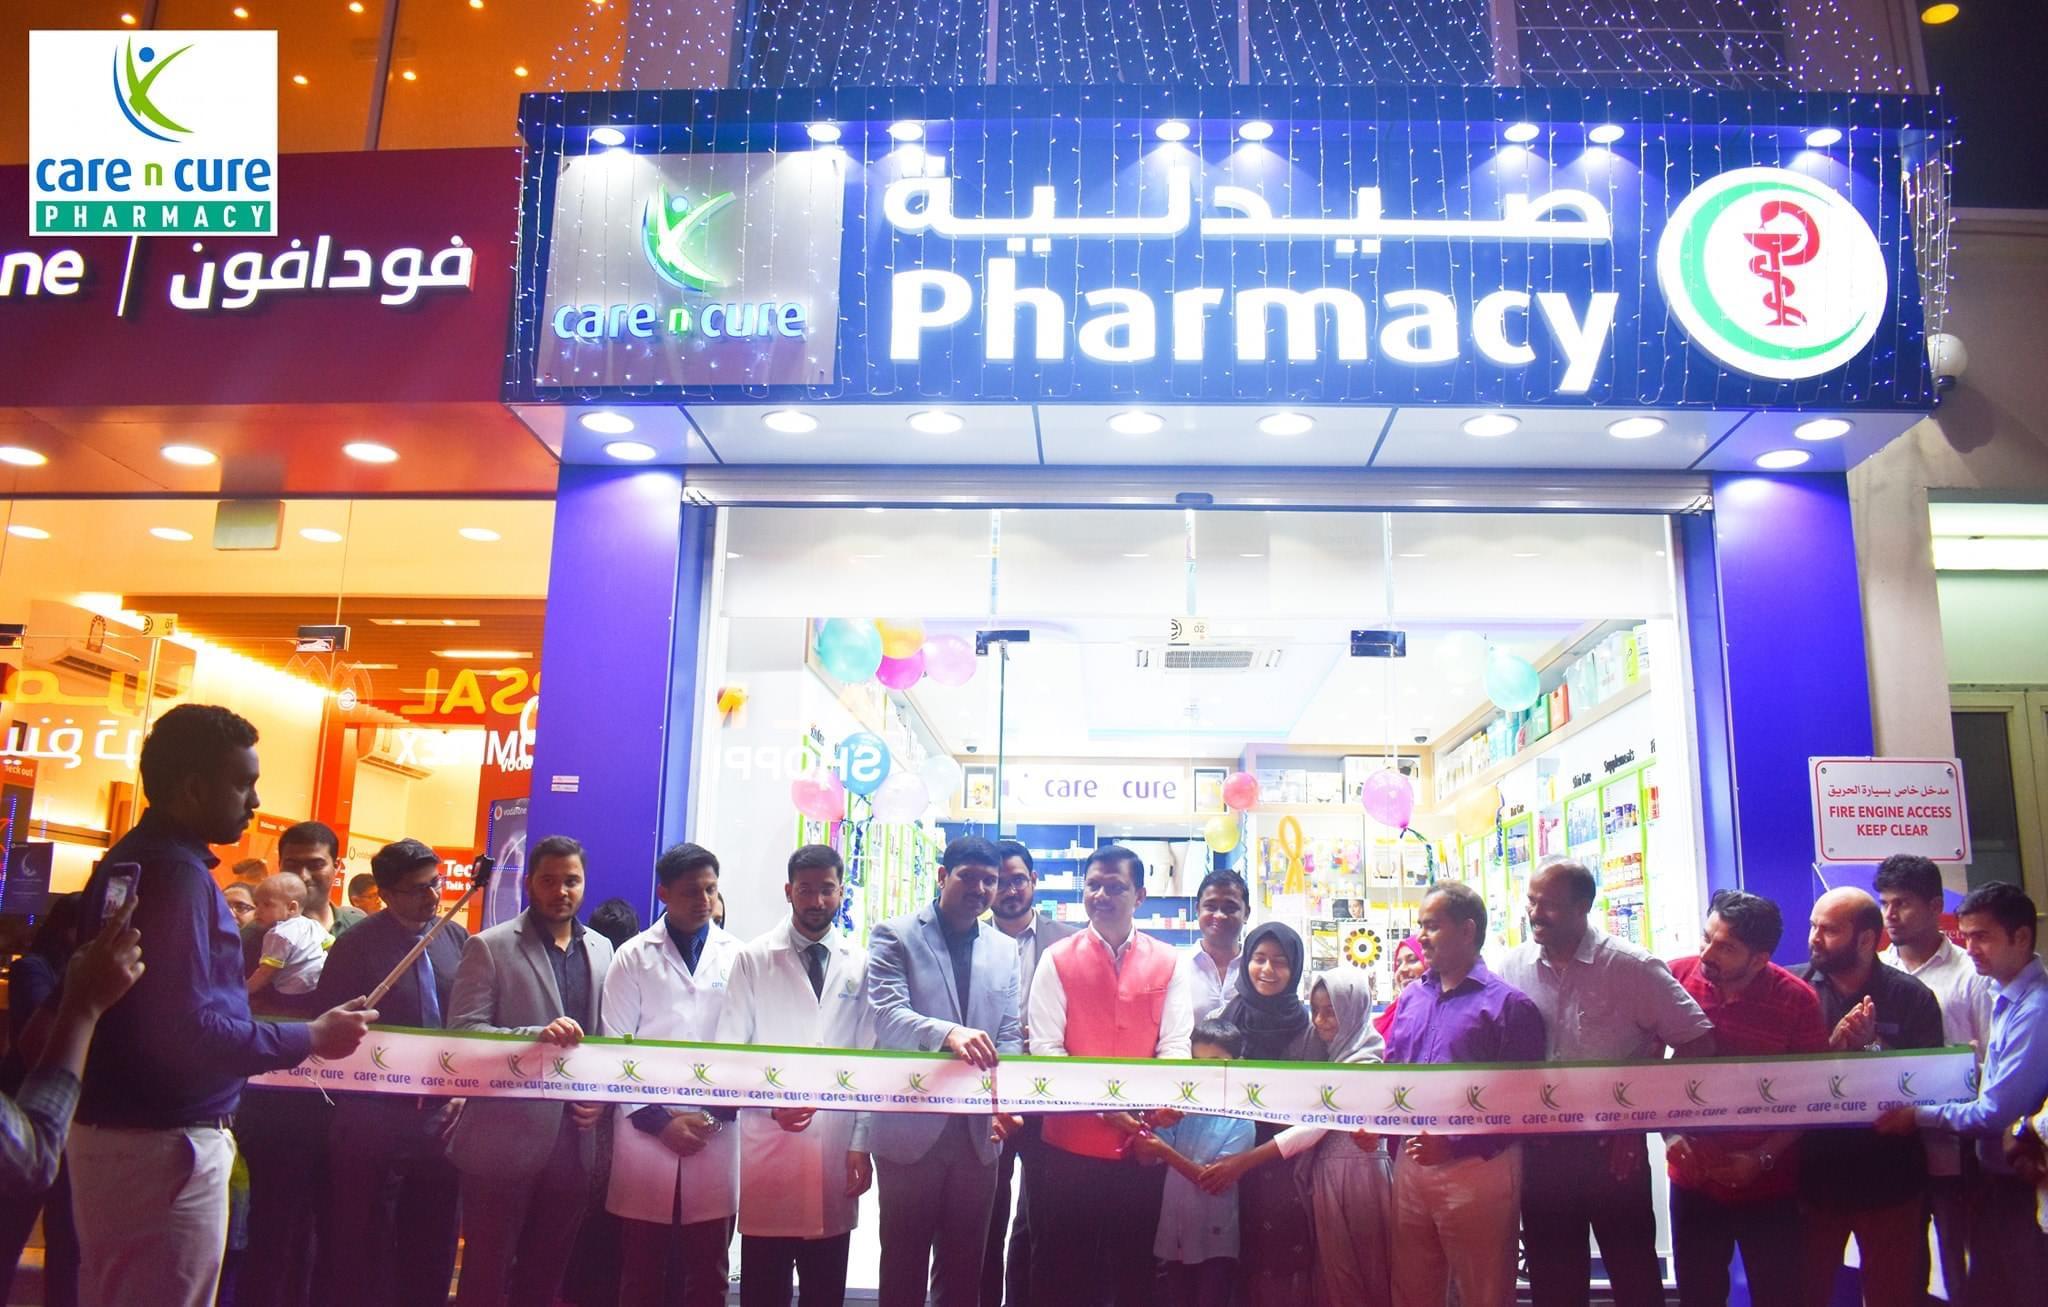 Care n Cure Pharmacy Najma Inauguration